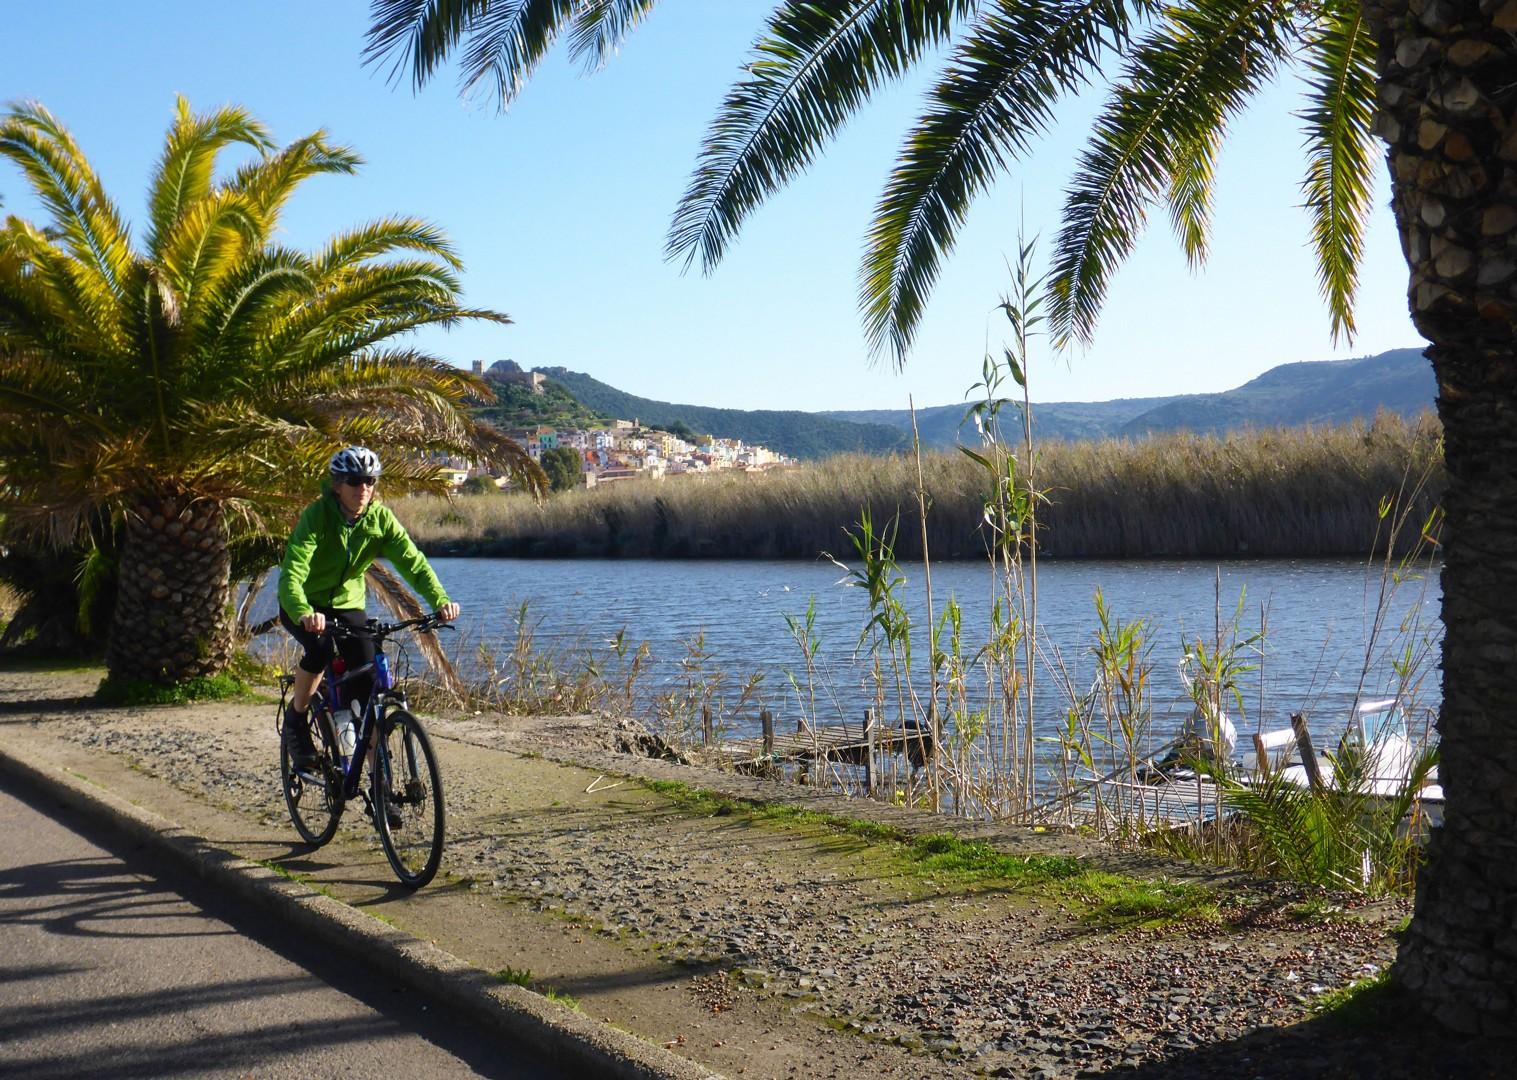 marmilla-to-barumini-sardinia-leisure-cycling-holiday.jpg - Italy - Sardinia - West Coast Wonders - Self-Guided Leisure Cycling Holiday - Leisure Cycling